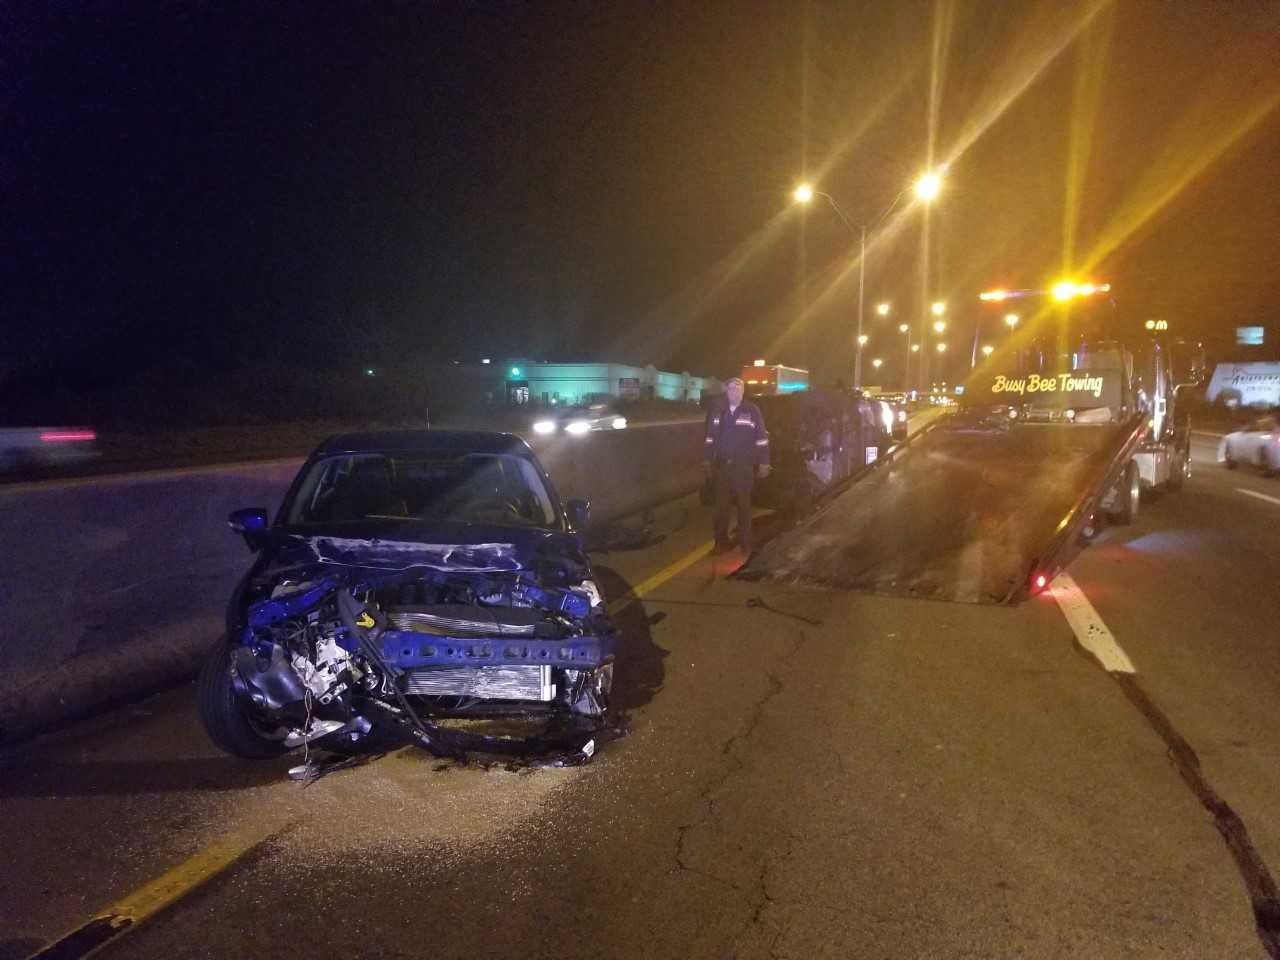 Vehicle causes crash, flees scene on I-75